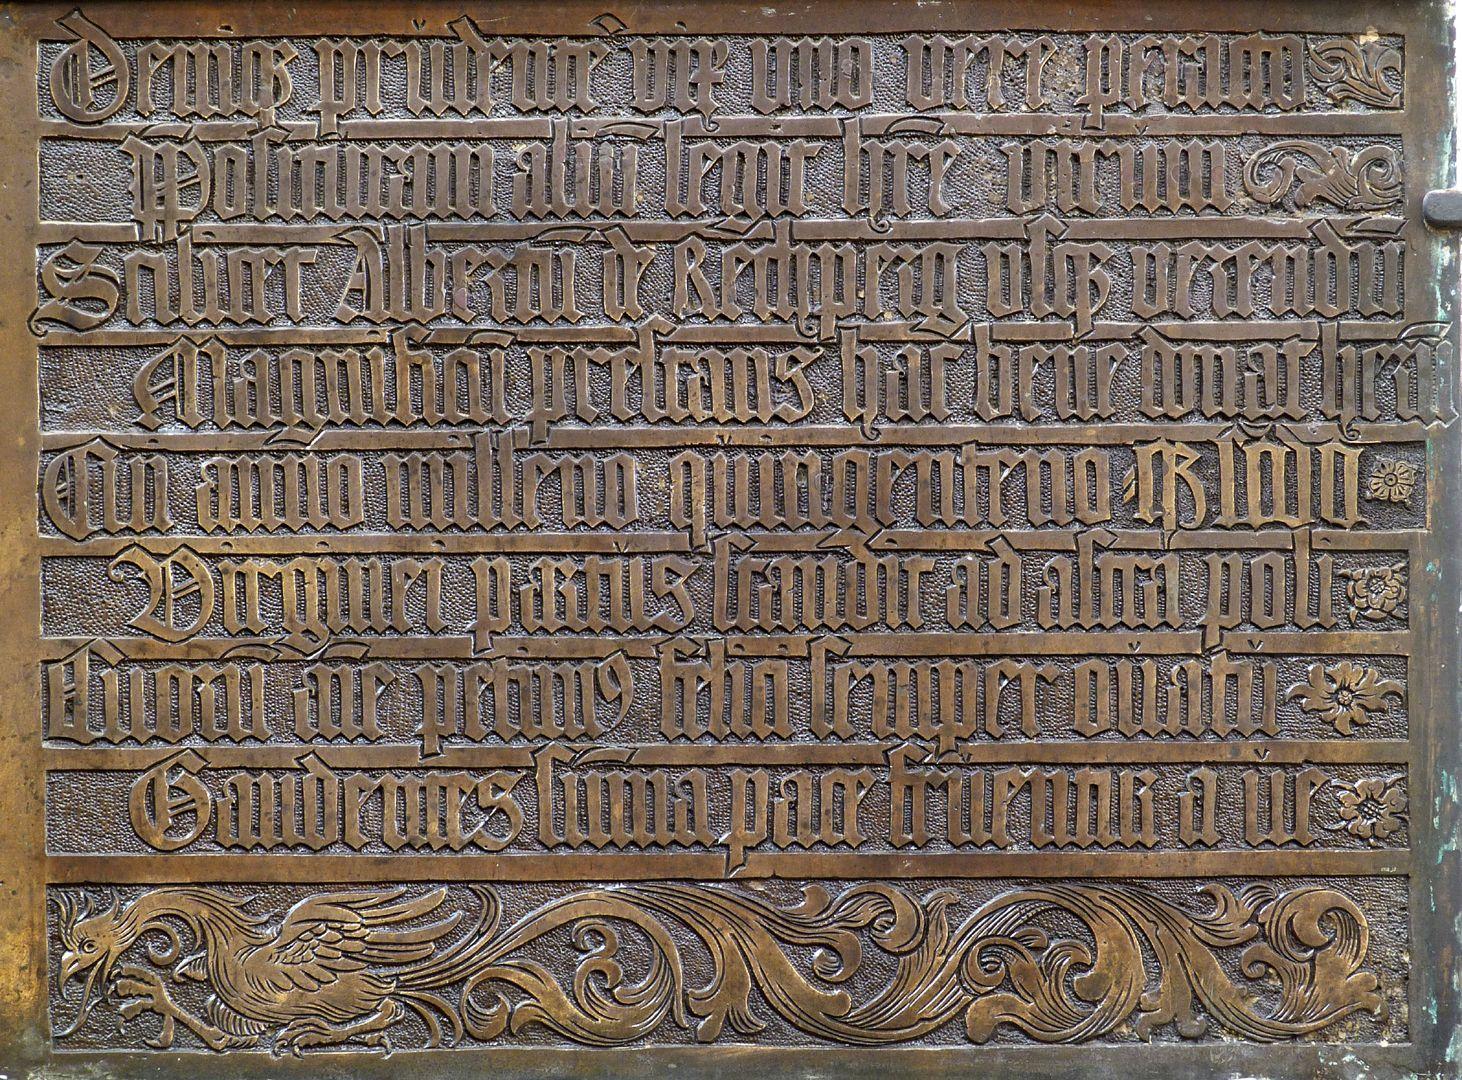 Johannes von Hürnheim und Albrecht von Rechenberg rechte Hälfte der Schrifttafel